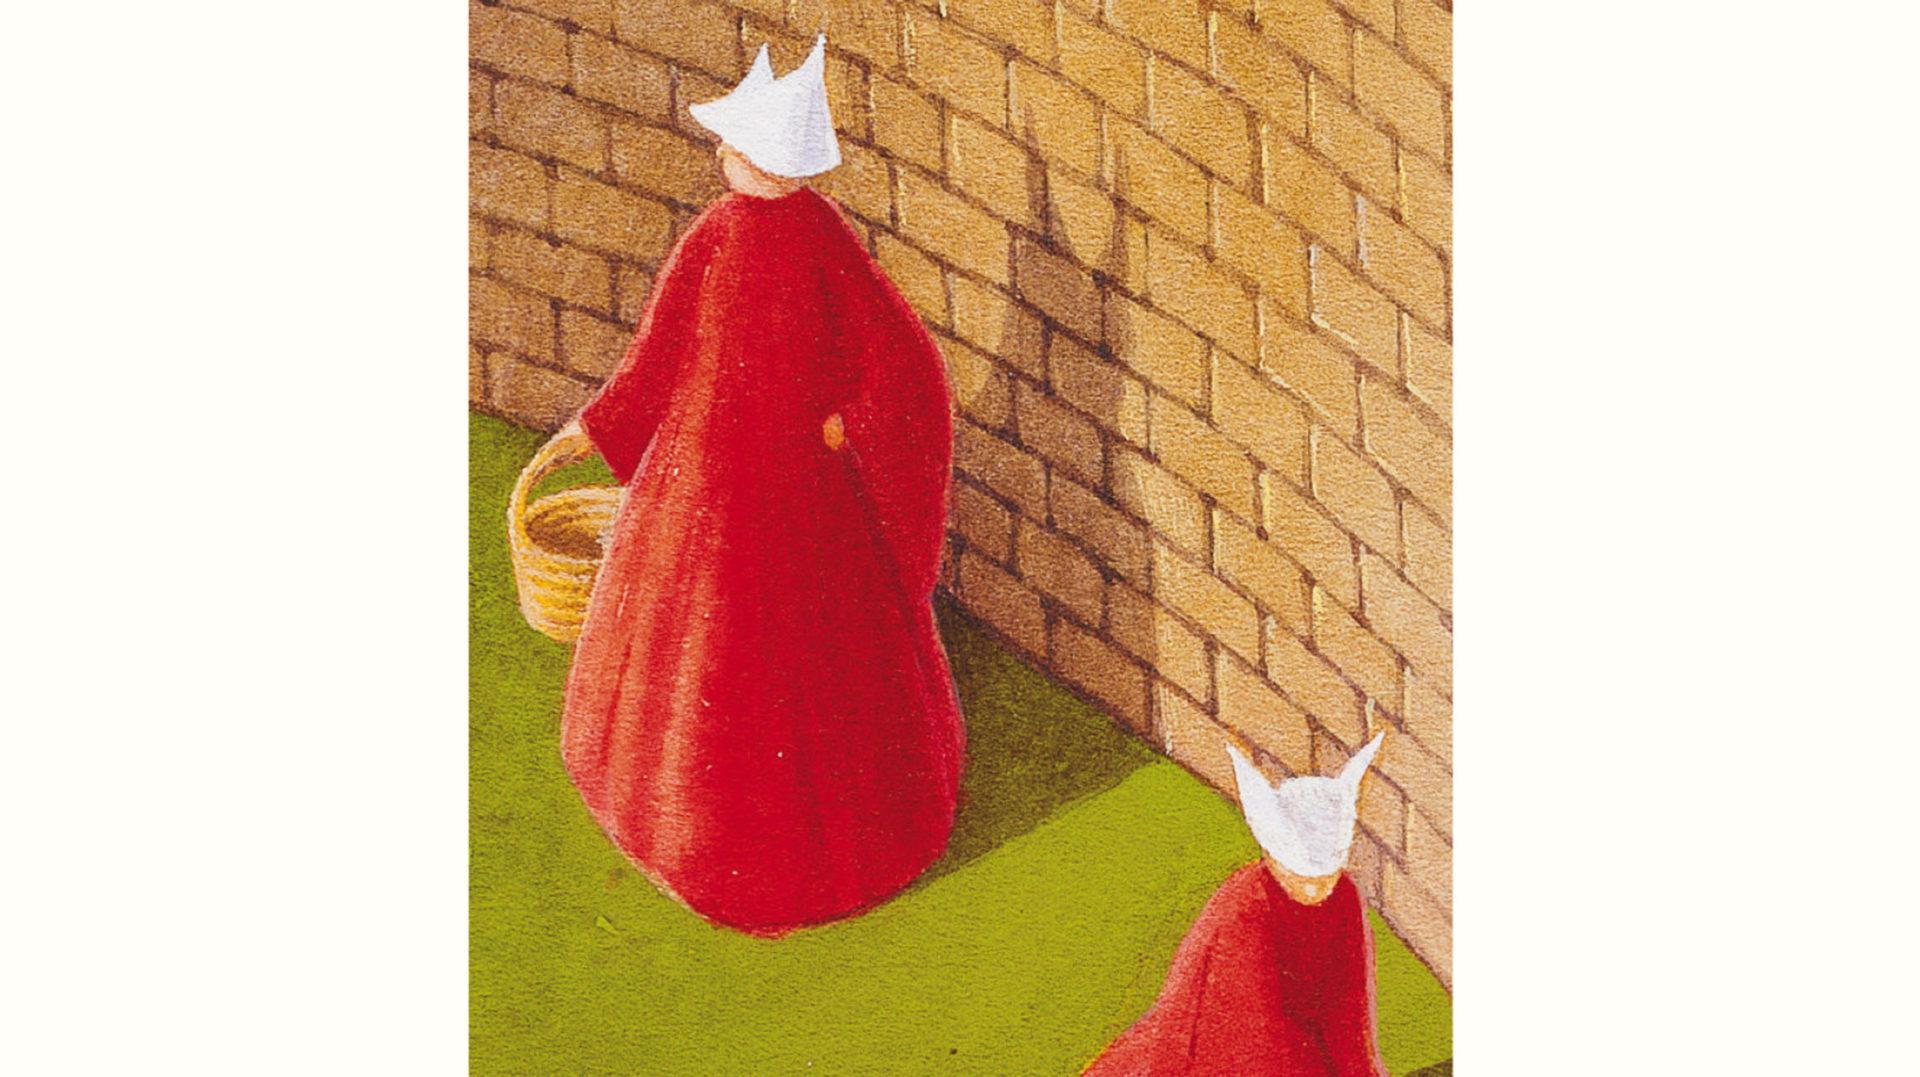 Club de lectura per a adults: comentari de l'obra 'El cuento de la criada'